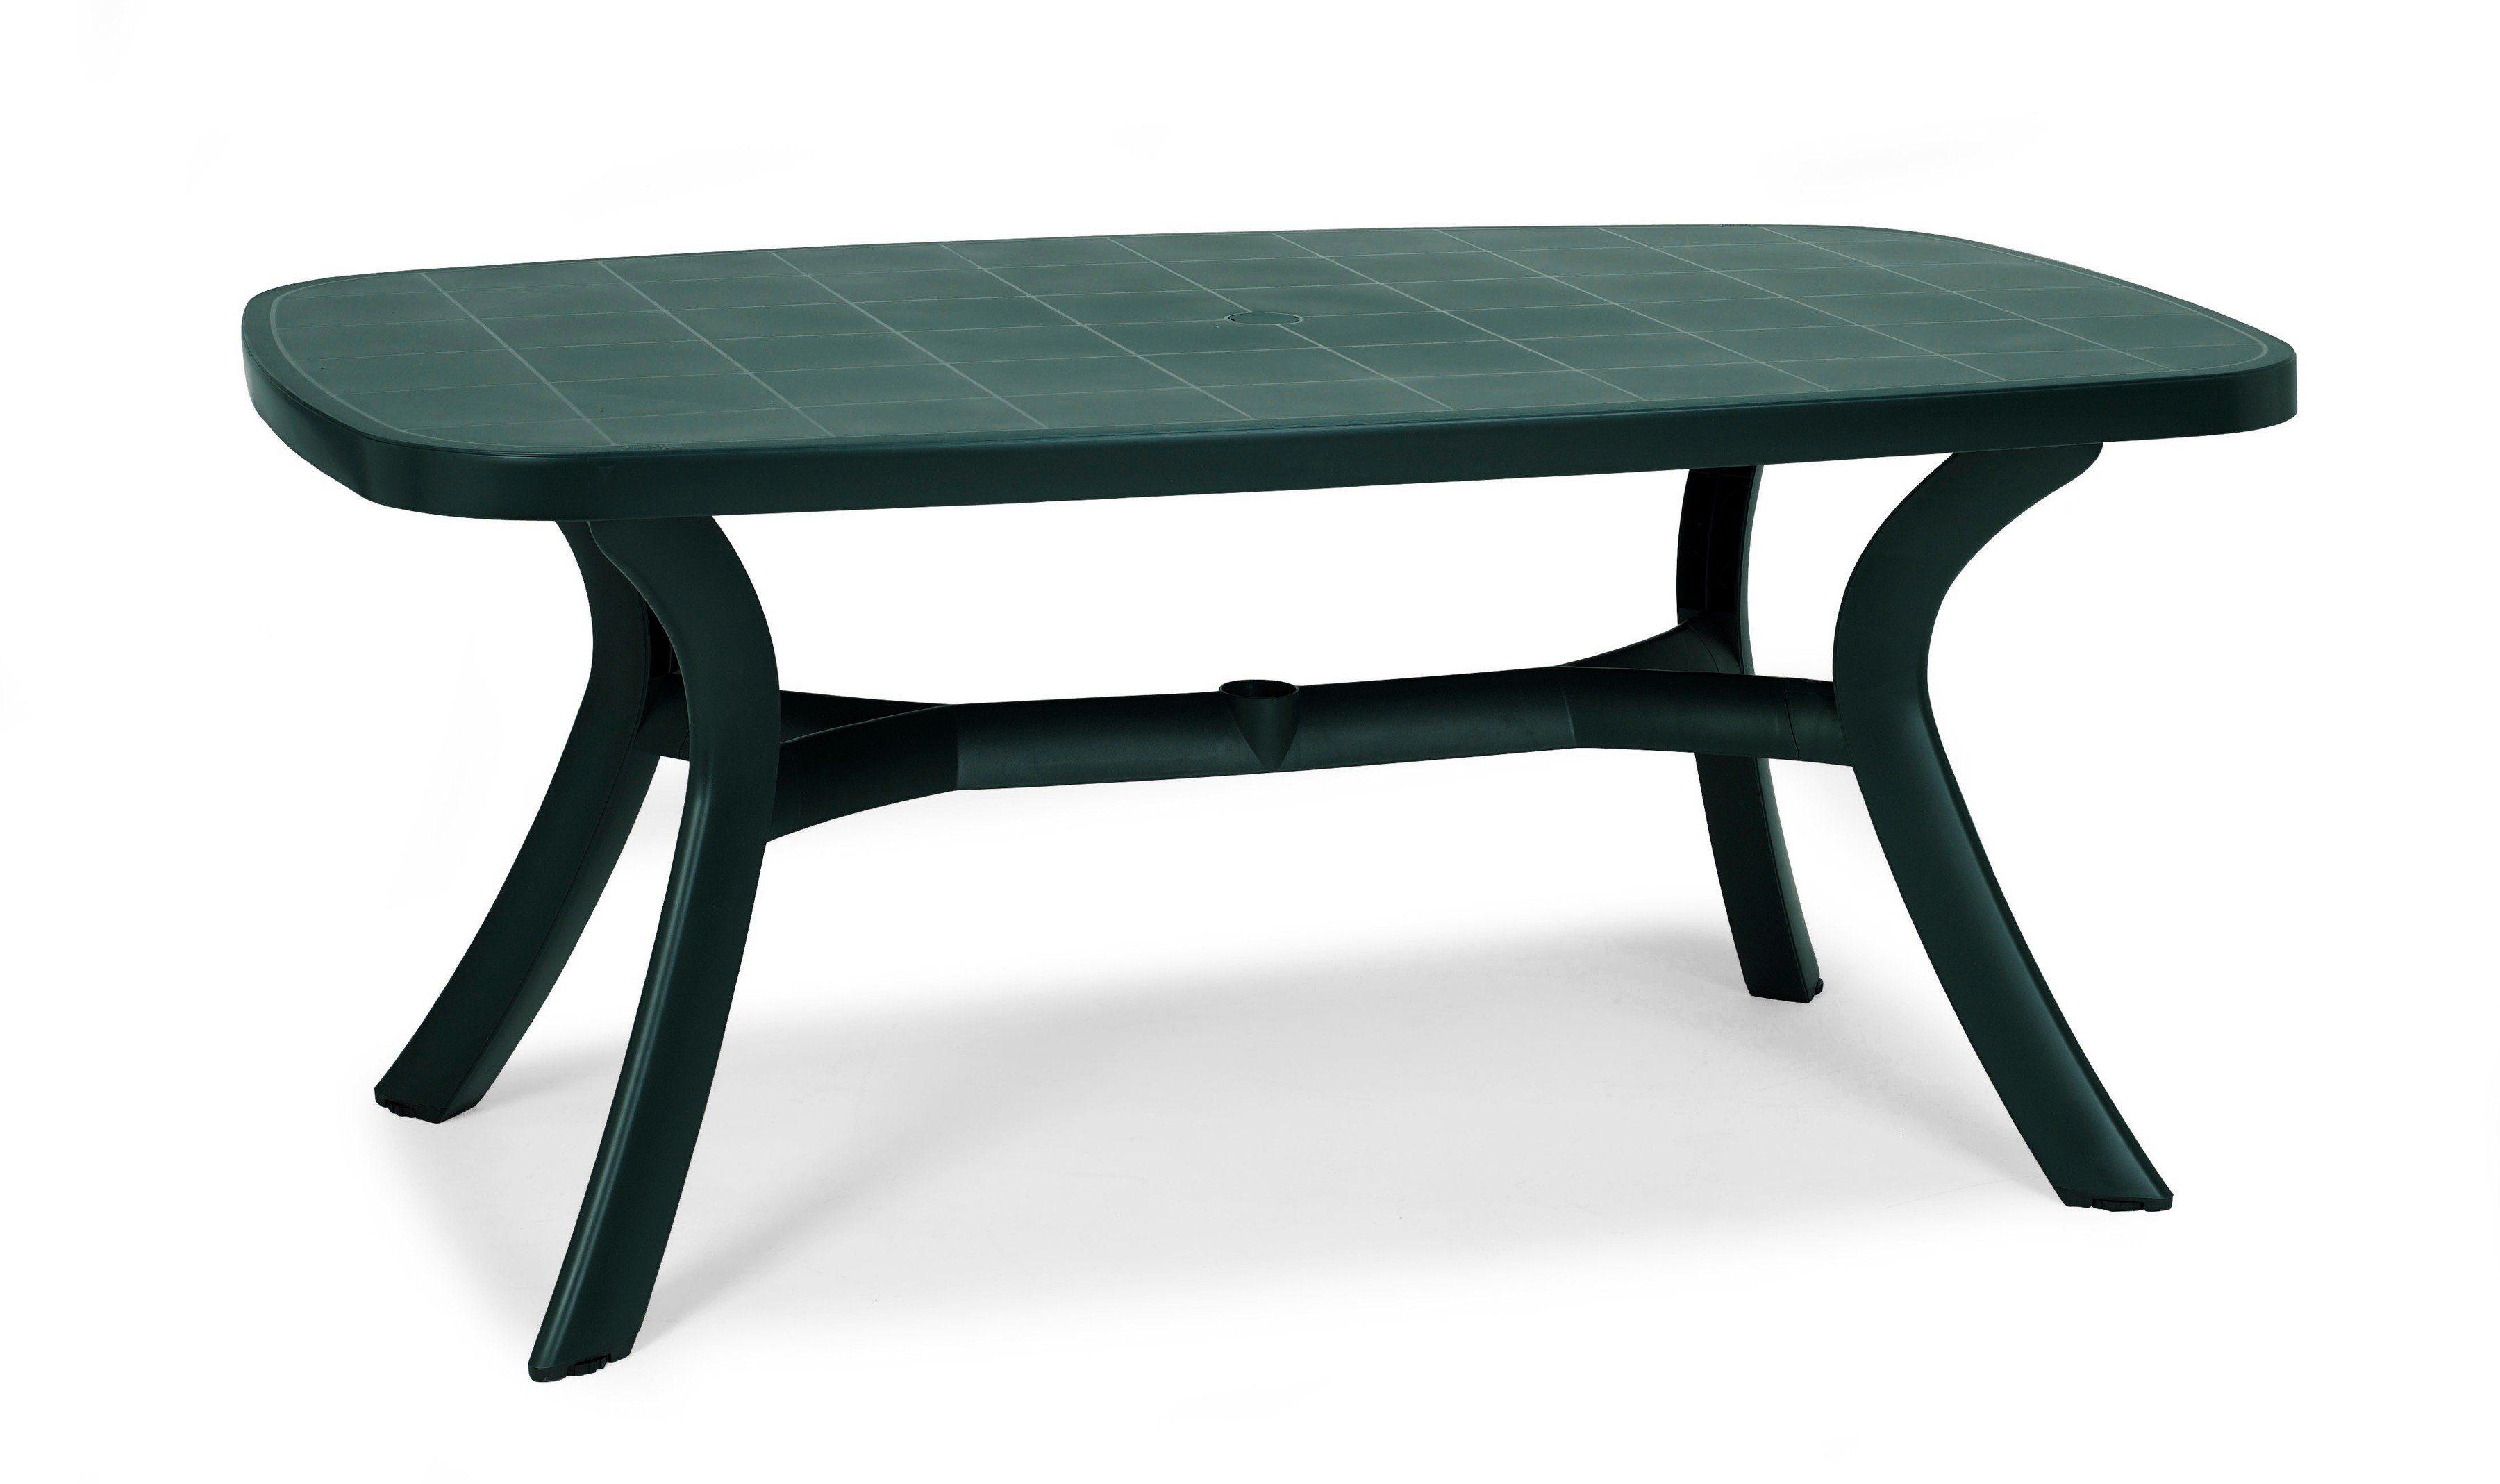 BEST Gartentisch , Kunststoff, 192x105 cm, grün